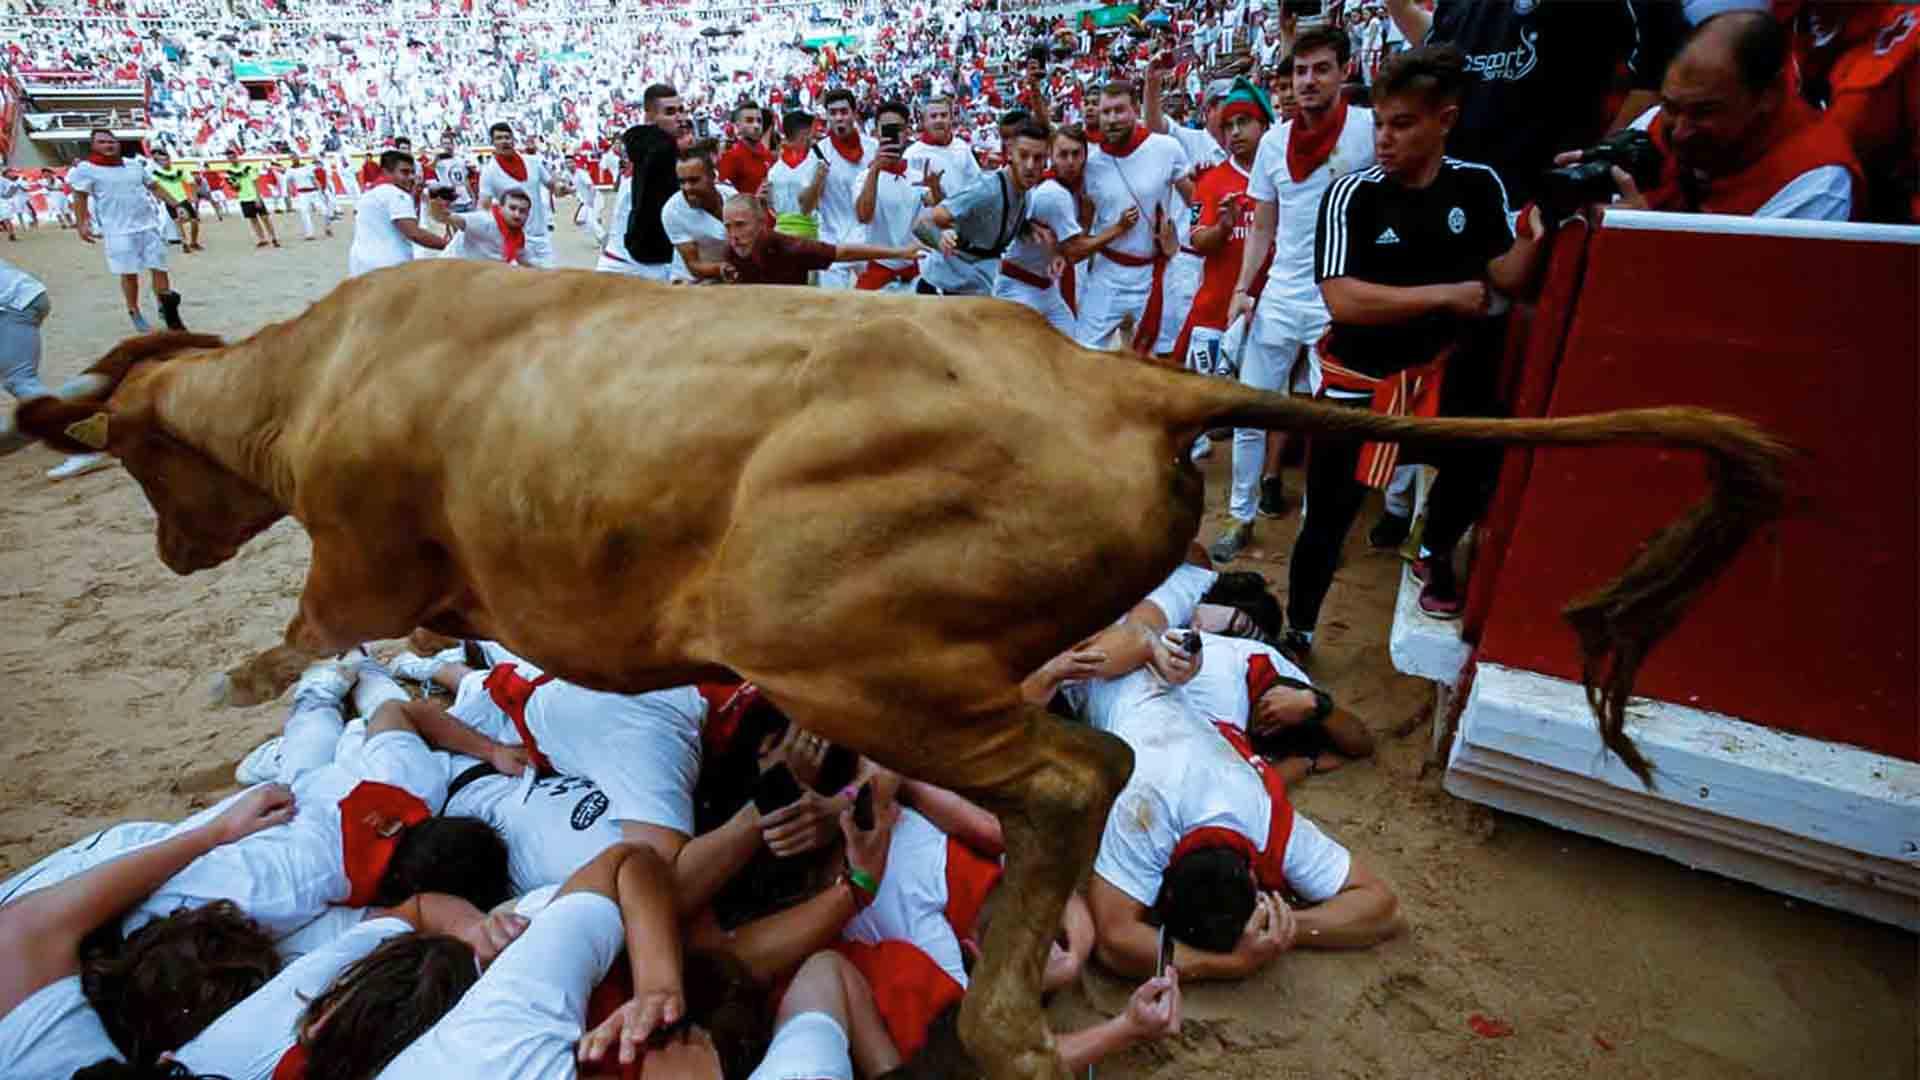 La festa di San Firmino è occasione della corsa dei tori di Pamplona